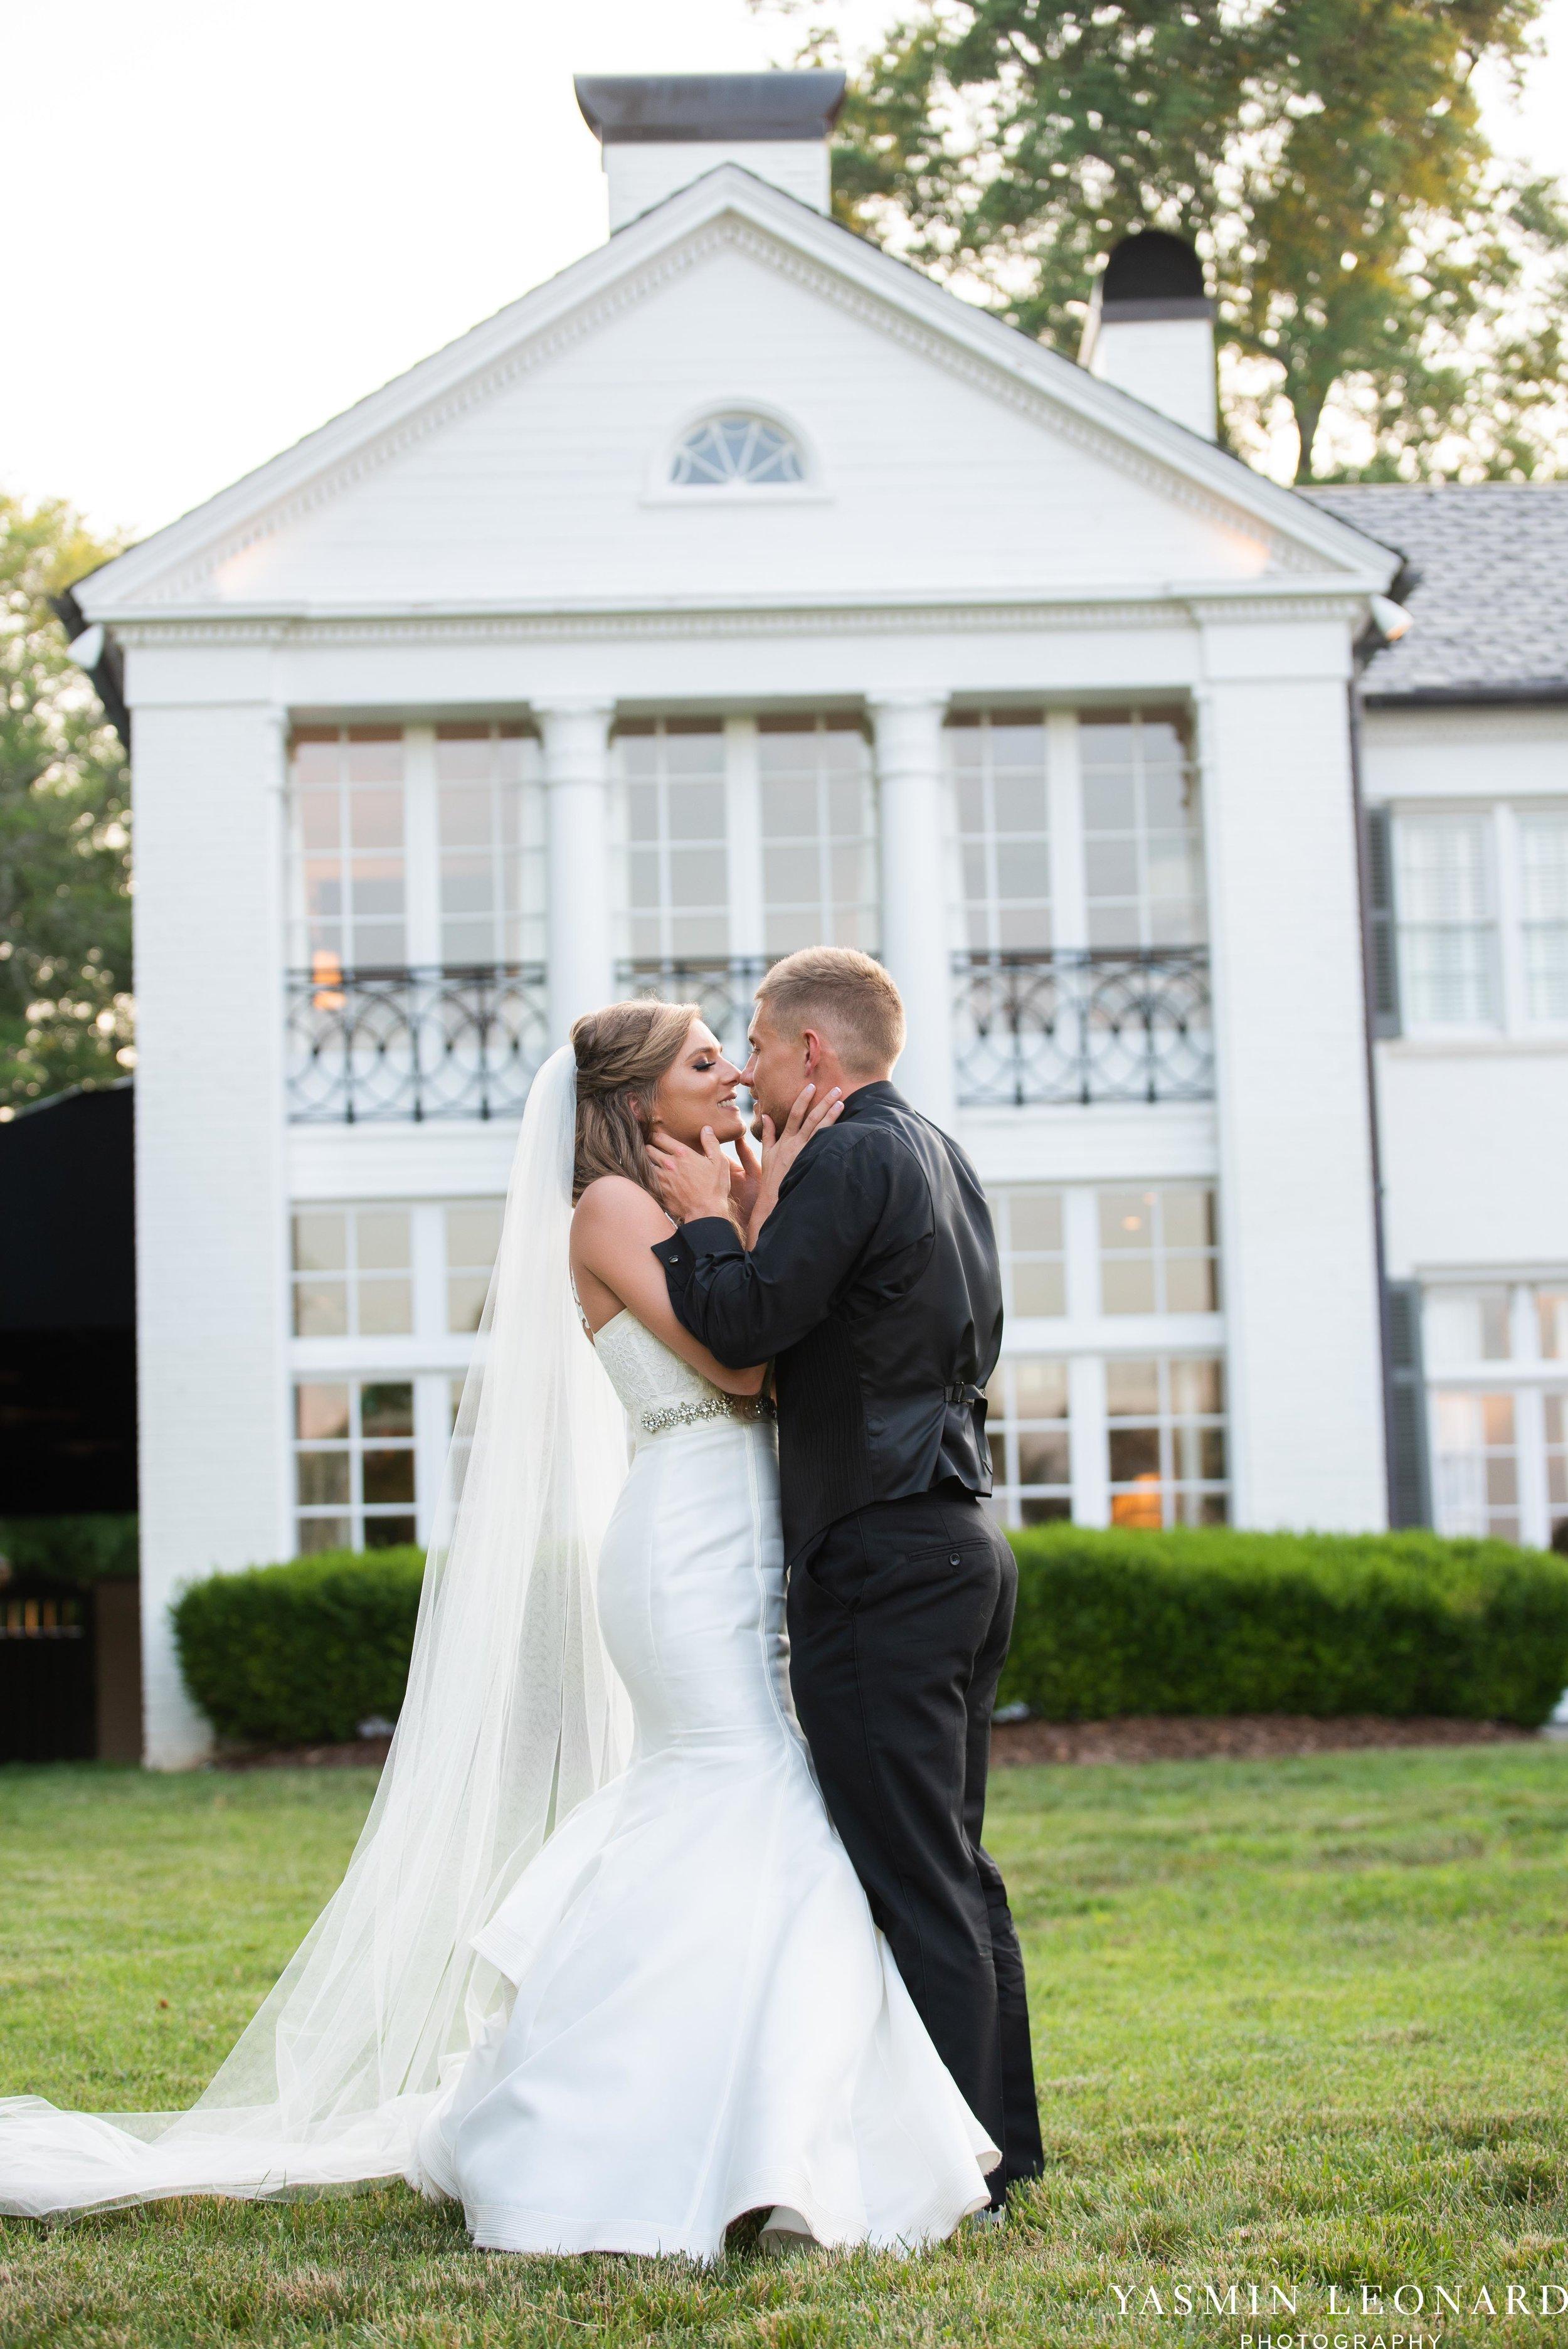 Boxwood Estate - Boxwood Estate Wedding - Luxury Wedding - Black and White Wedding - NC Wedding Venues - NC Weddings - NC Photographer - Lantern Release Grand Exit - Large Wedding Party - Yasmin Leonard Photography-62.jpg